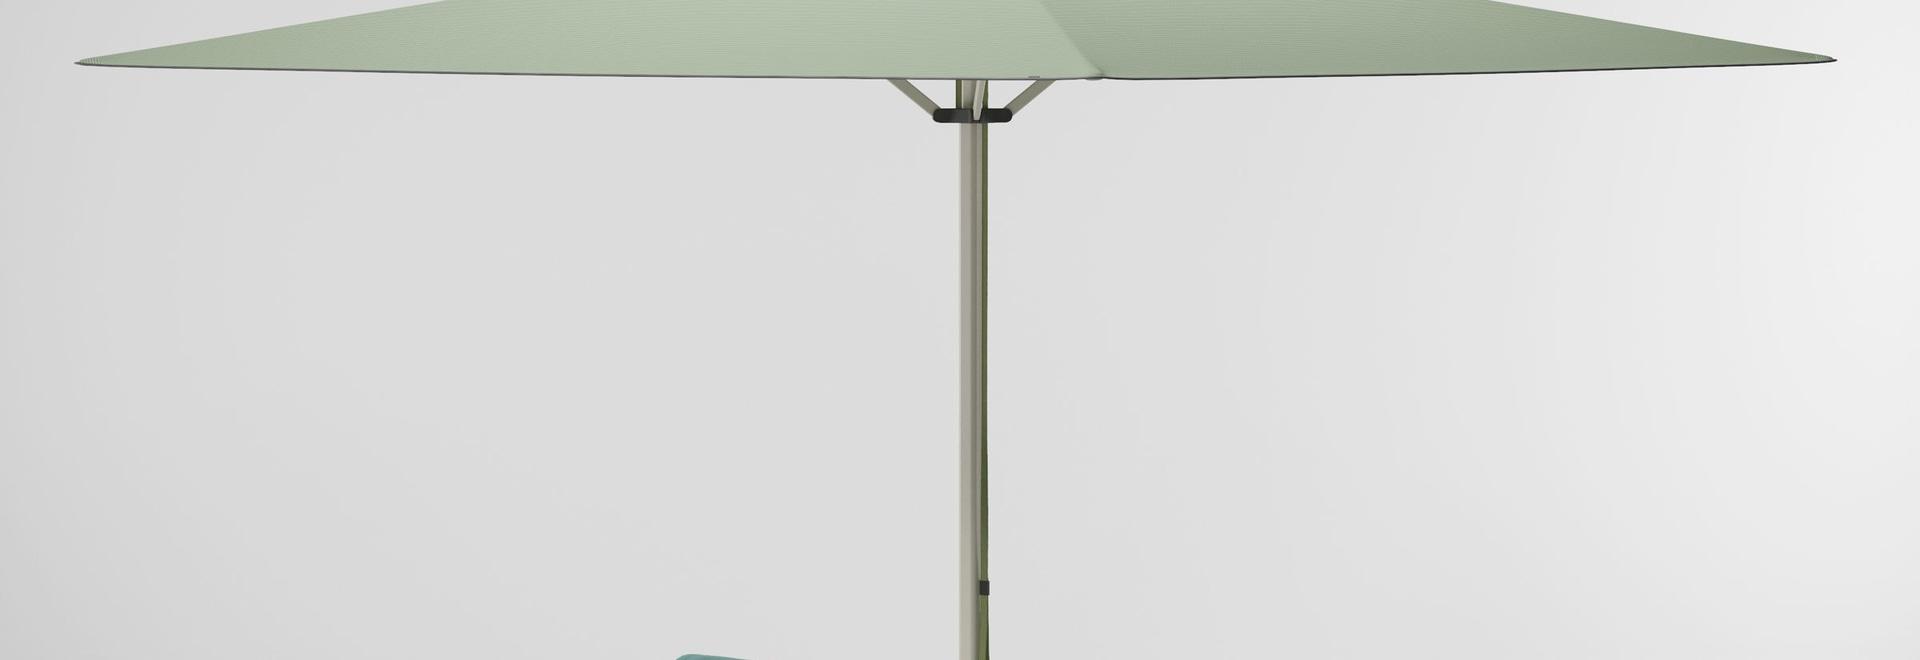 Meteo passt drei funktionelle Anpassungen an seine Umbrella-Basis an